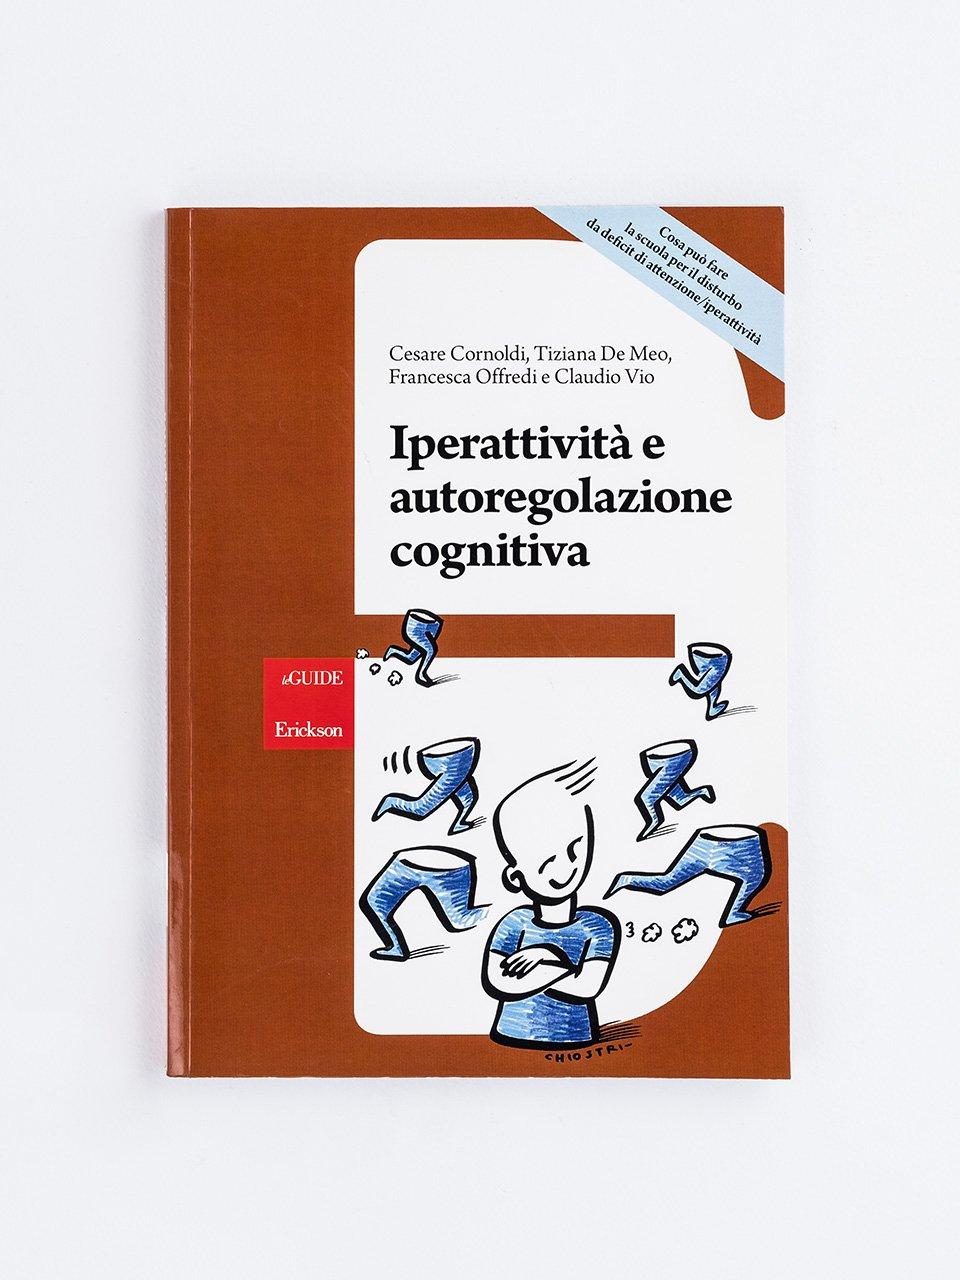 Iperattività e autoregolazione cognitiva - BIA - Batteria italiana per l'ADHD - Libri - Erickson